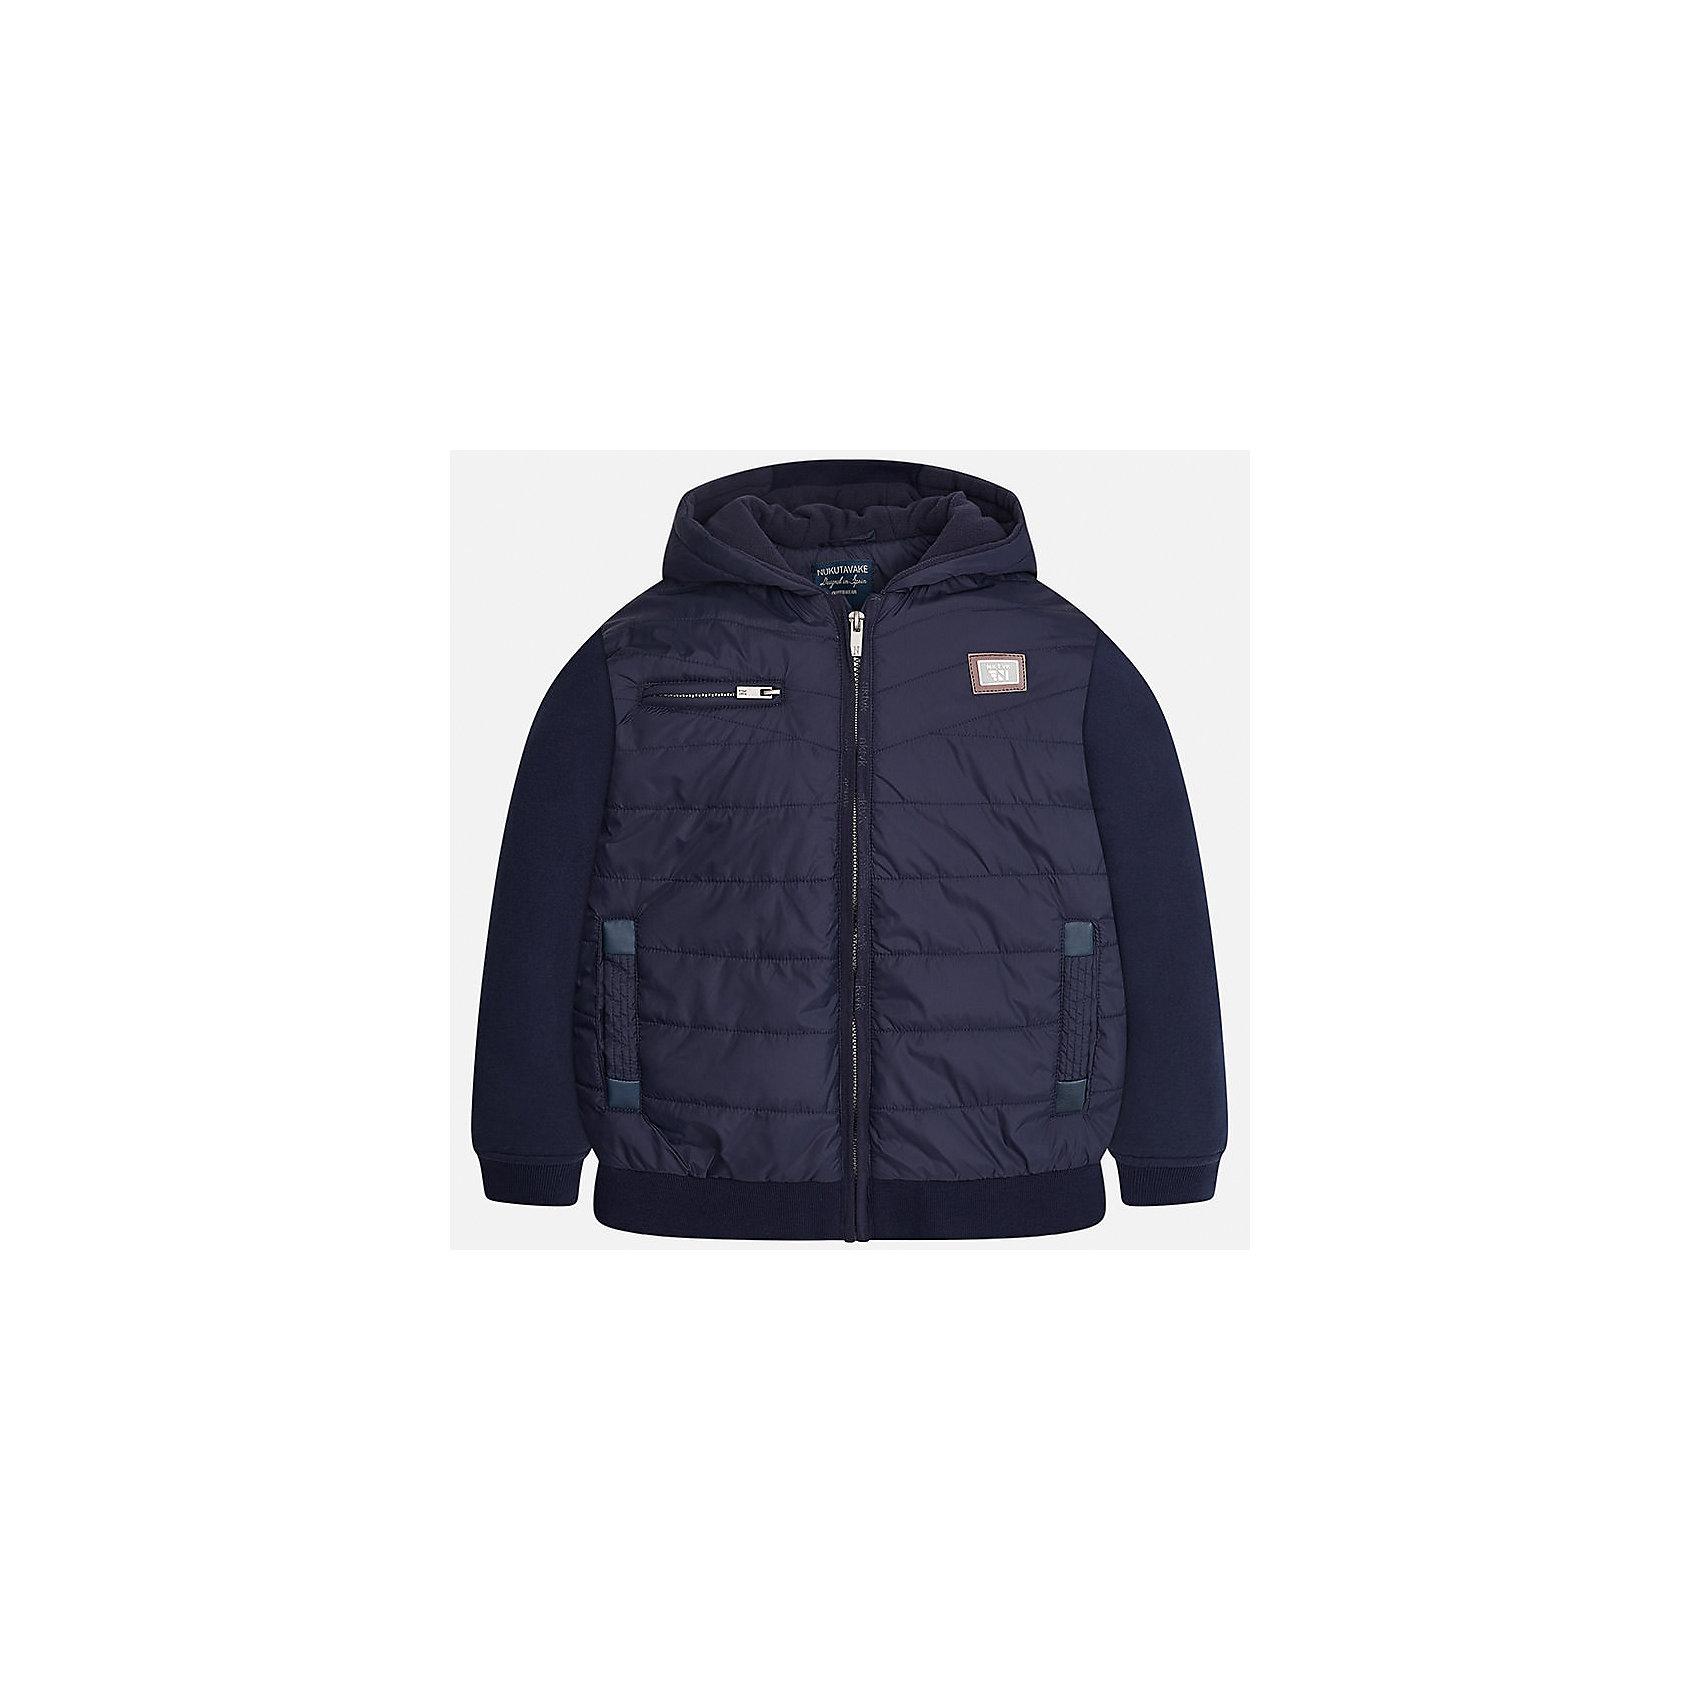 Куртка для мальчика MayoralВерхняя одежда<br>Характеристики товара:<br><br>• цвет: темно-синий;<br>• сезон: демисезон;<br>• состав ткани: 100% полиэстер;<br>• состав подкладки: 100% полиэстер;<br>• на молнии;<br>• капюшон не отстегивается;<br>• страна бренда: Испания;<br>• страна изготовитель: Китай.<br><br>Демисезонная куртка для мальчика от популярного бренда Mayoral несомненно понравится вам и вашему ребенку. Качественные ткани, безупречное исполнение, все модели в центре модных тенденций. <br><br>Изюминкой этой модели является комбинация разных фактур ткани - мягкая плащевая ткань - хорошая воздухопроницаемая защита,  трикотажные рукова - не стесняют движений,  а также подкладка из флиса и аккуратные швы. Рукава и пояс на элестичных манжетах. Застегивается на молнию, капюшон не отстегивается,  карманы спереди на молниих.<br><br>Легкая и теплая куртка с капюшоном и карманами на холодную осень-весну. Грамотный крой изделия обеспечивает отличную посадку по фигуре. Все эти преимущества делают данную модель незаменимой для активных прогулок.<br><br>Куртку  для мальчика Mayoral (Майорал) можно купить в нашем интернет-магазине.<br><br>Ширина мм: 356<br>Глубина мм: 10<br>Высота мм: 245<br>Вес г: 519<br>Цвет: синий<br>Возраст от месяцев: 96<br>Возраст до месяцев: 108<br>Пол: Мужской<br>Возраст: Детский<br>Размер: 128/134,170,140,152,158,164<br>SKU: 6938701